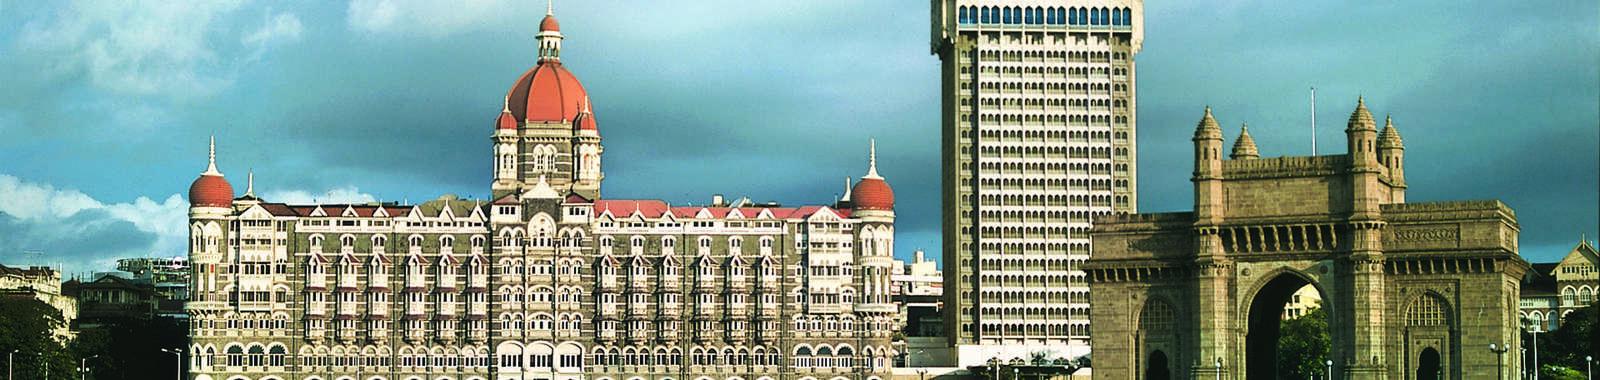 01TajMahalPalace,Mumbai27641818-H1-002Exterior53